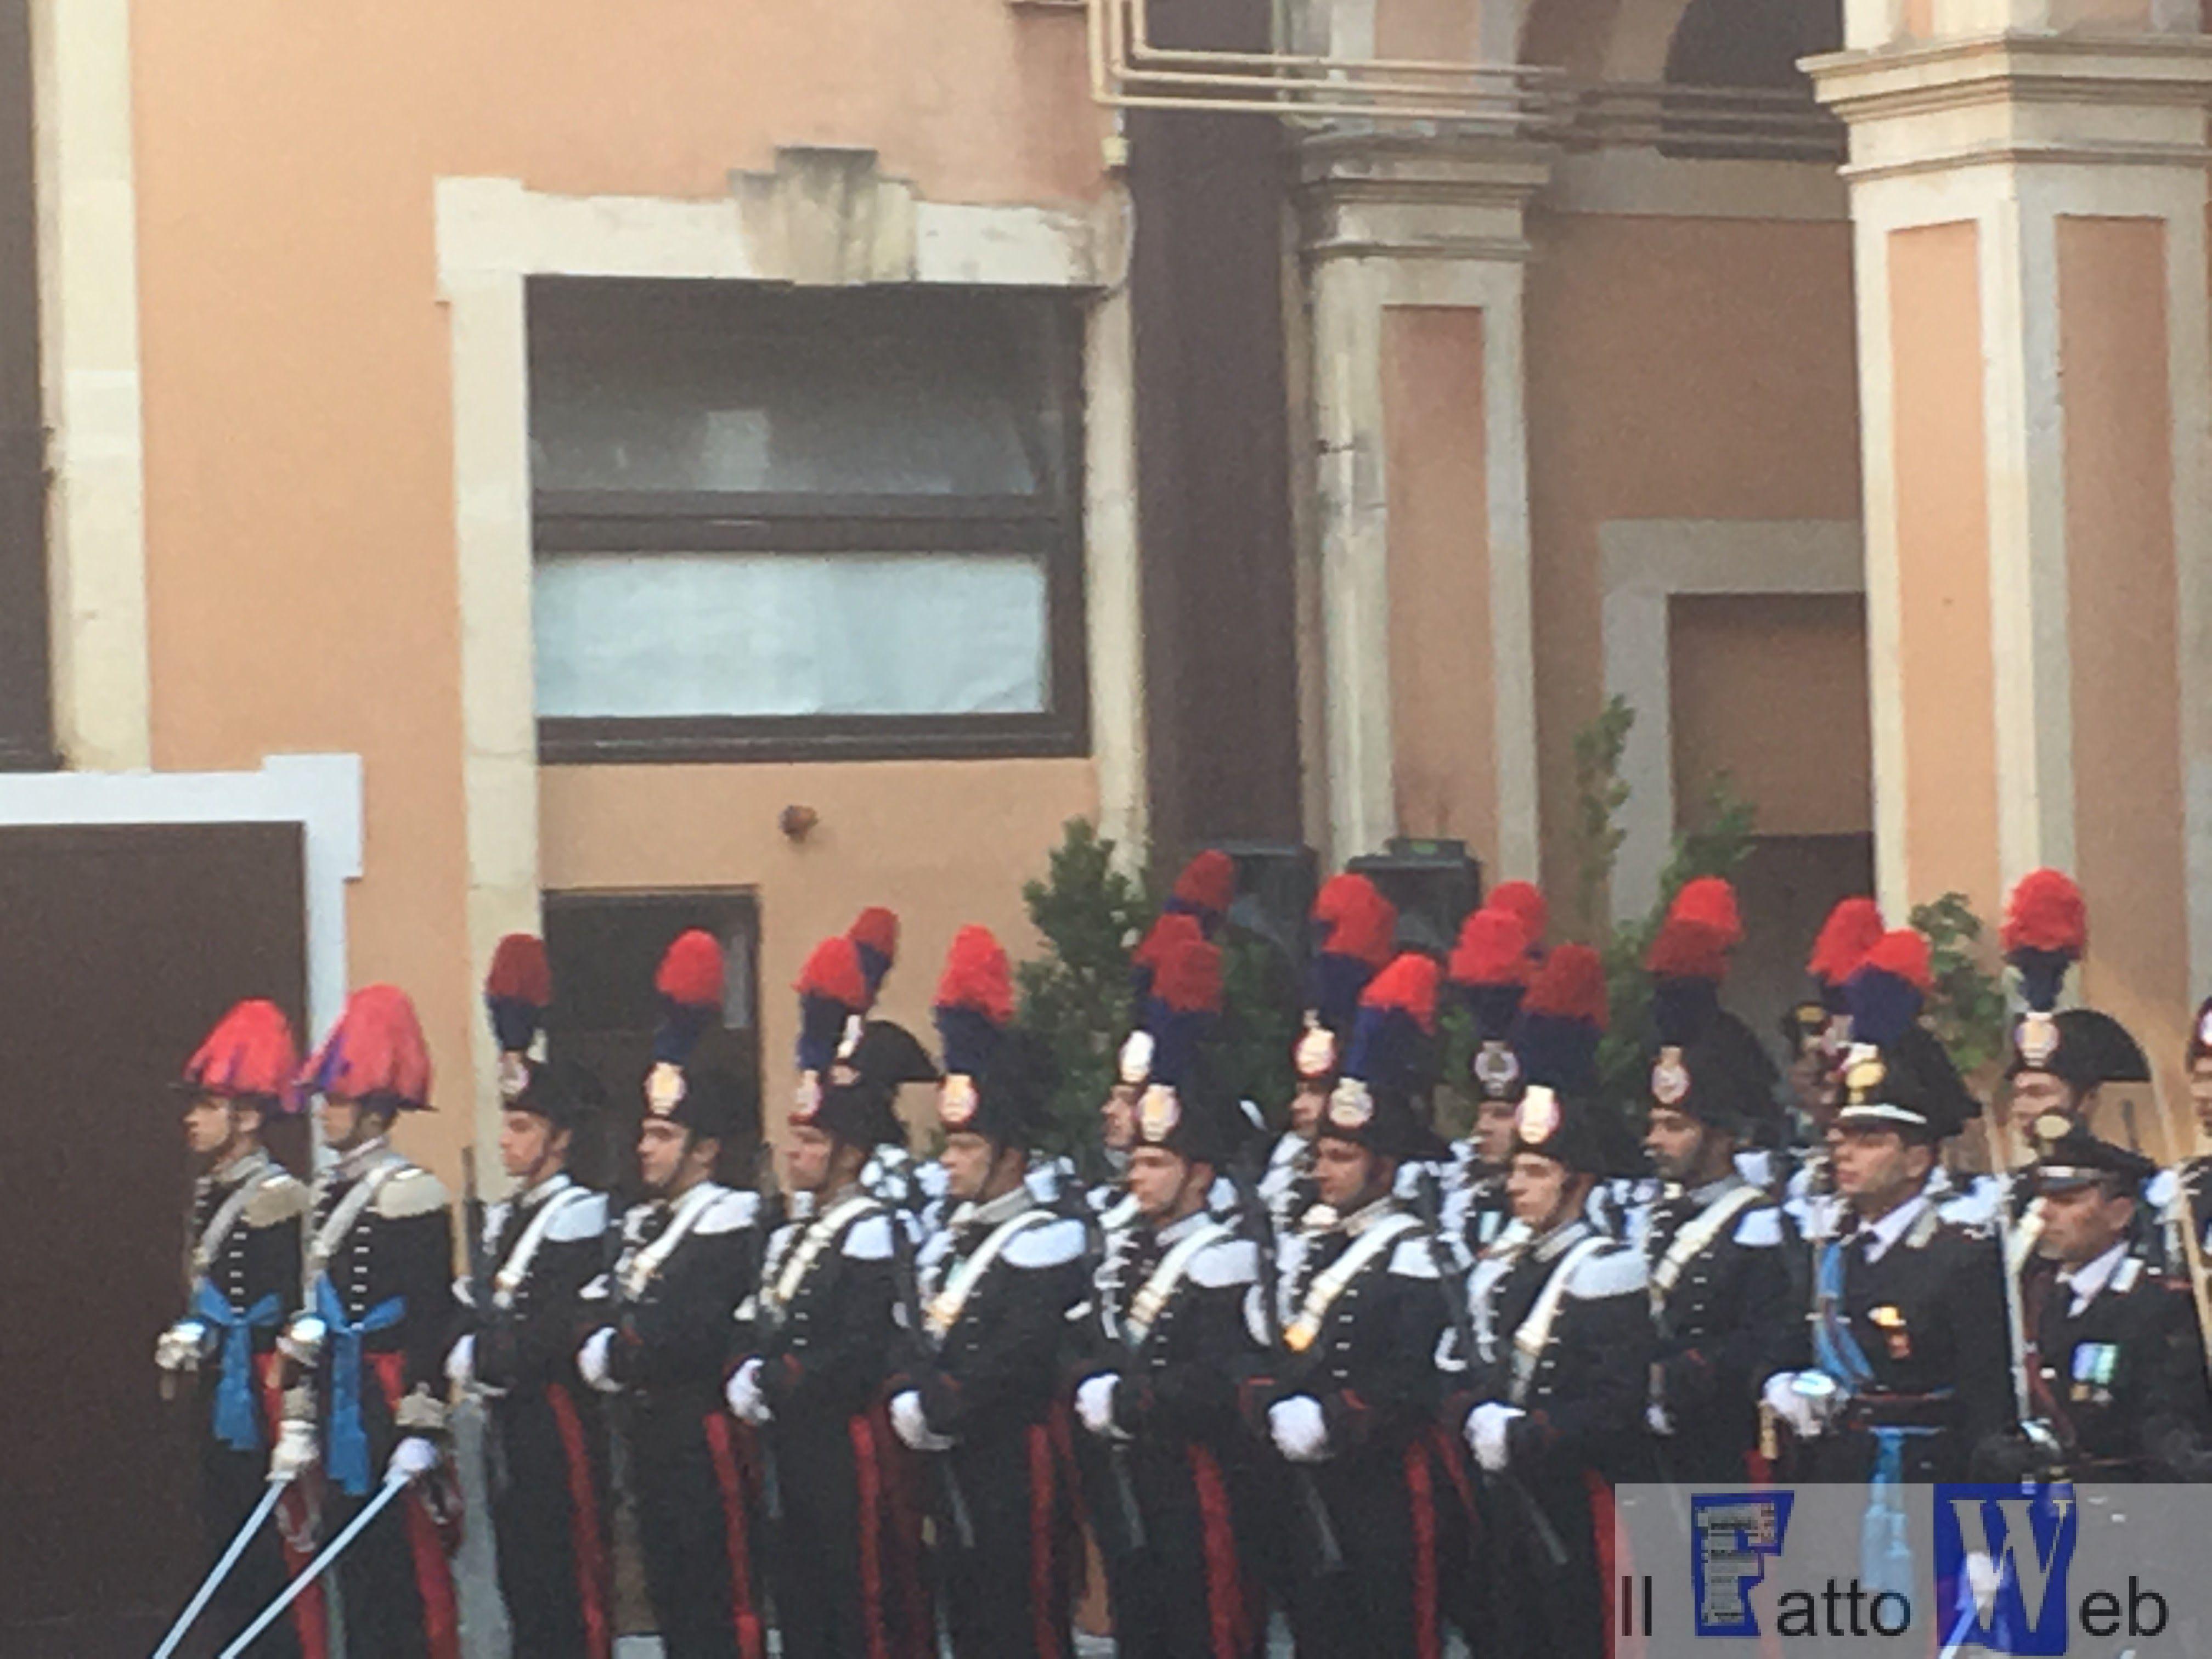 L'Arma dei Carabinieri festeggia il 203° anniversario dalla fondazione